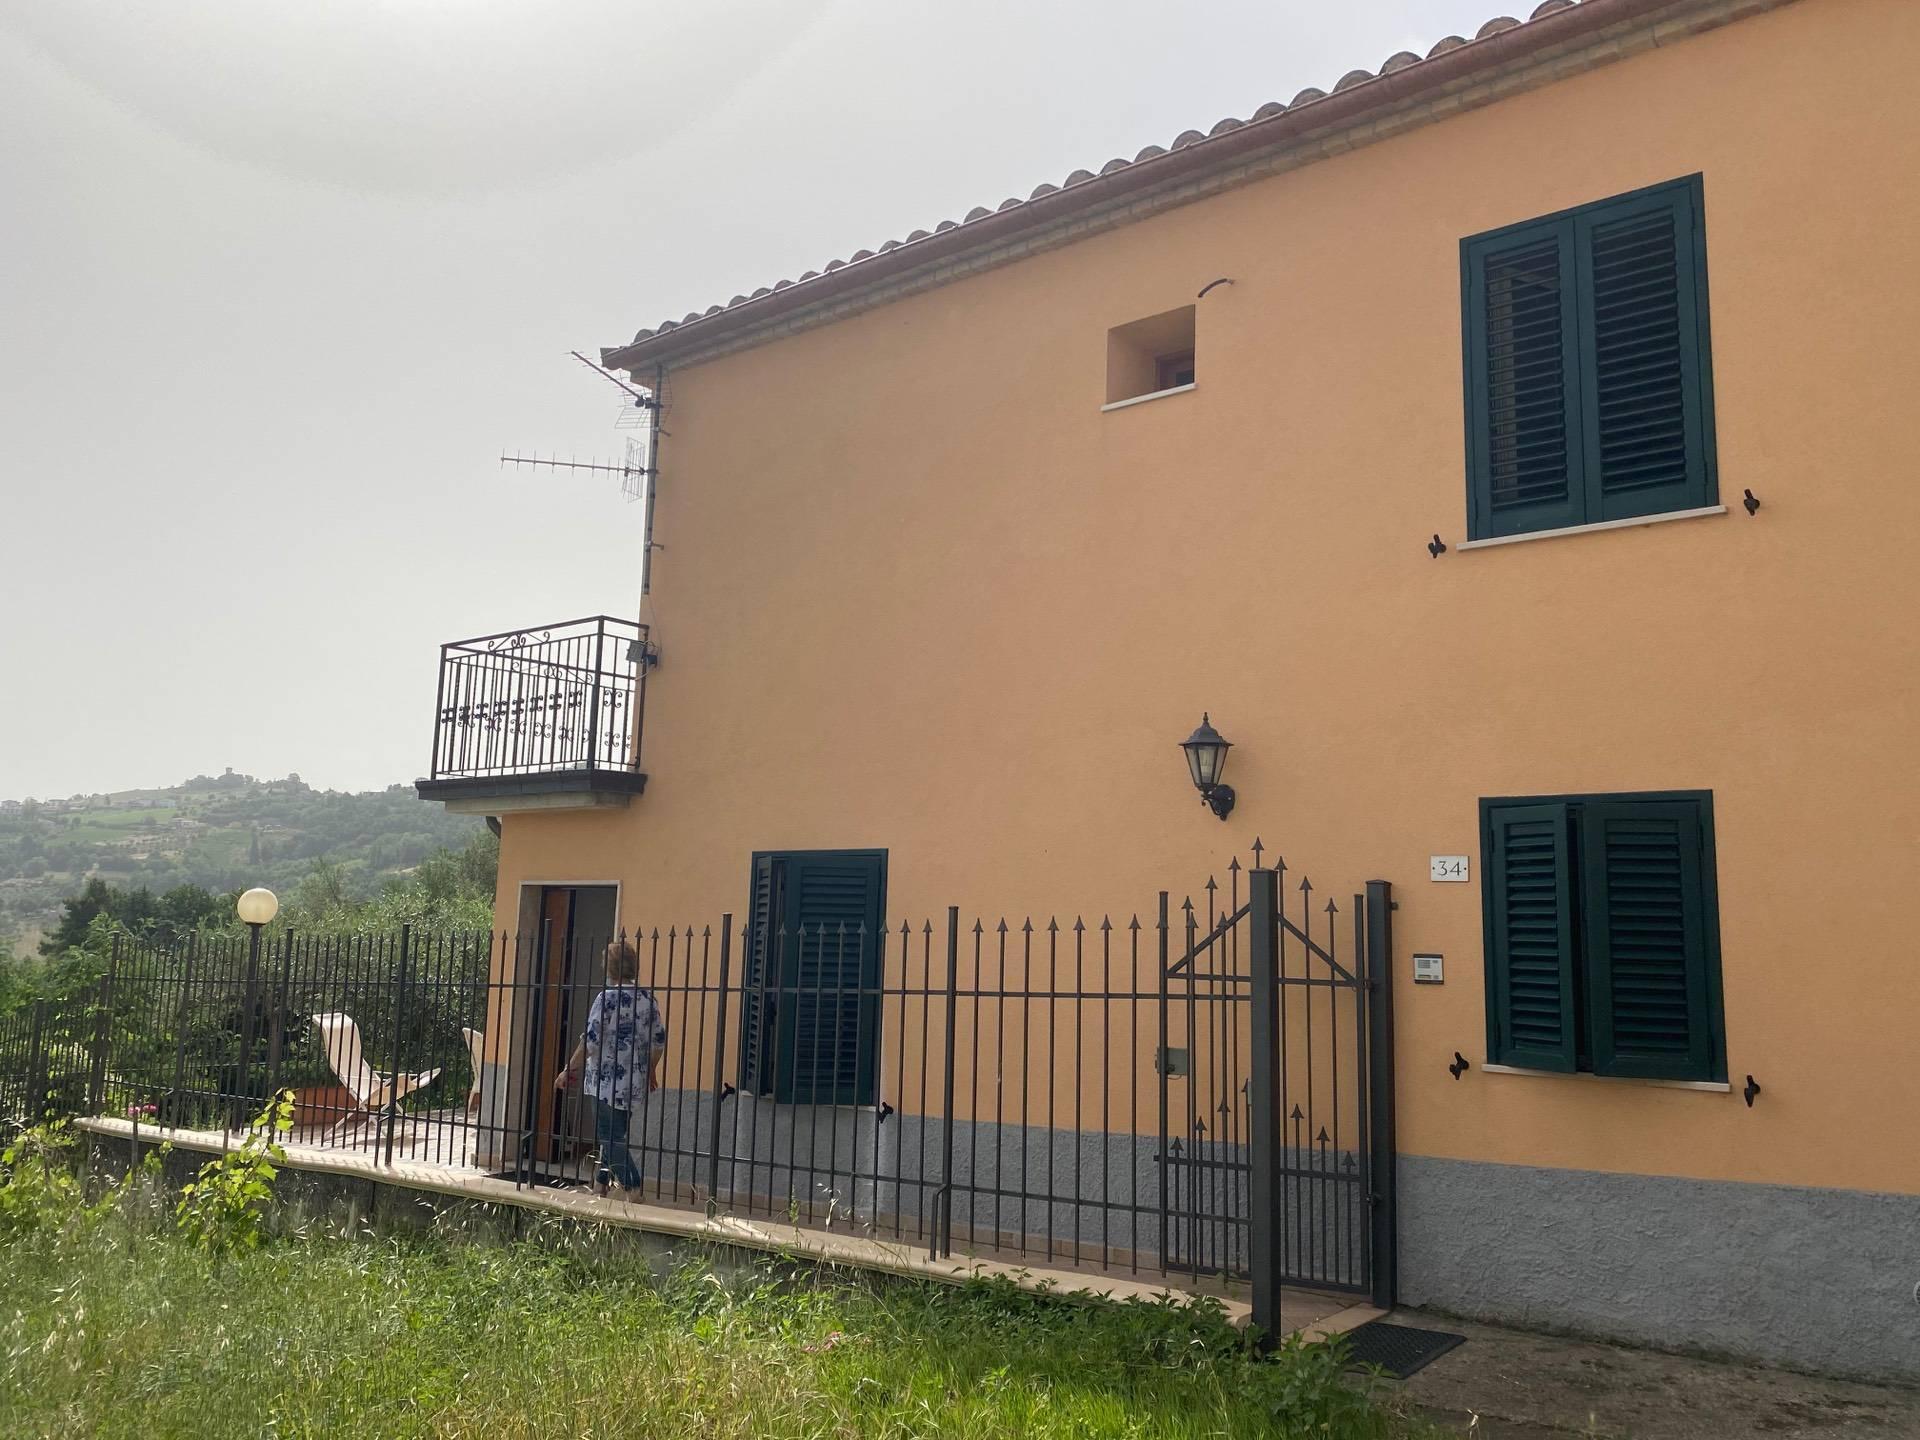 Soluzione Indipendente in vendita a Penna Sant'Andrea, 5 locali, prezzo € 90.000 | CambioCasa.it